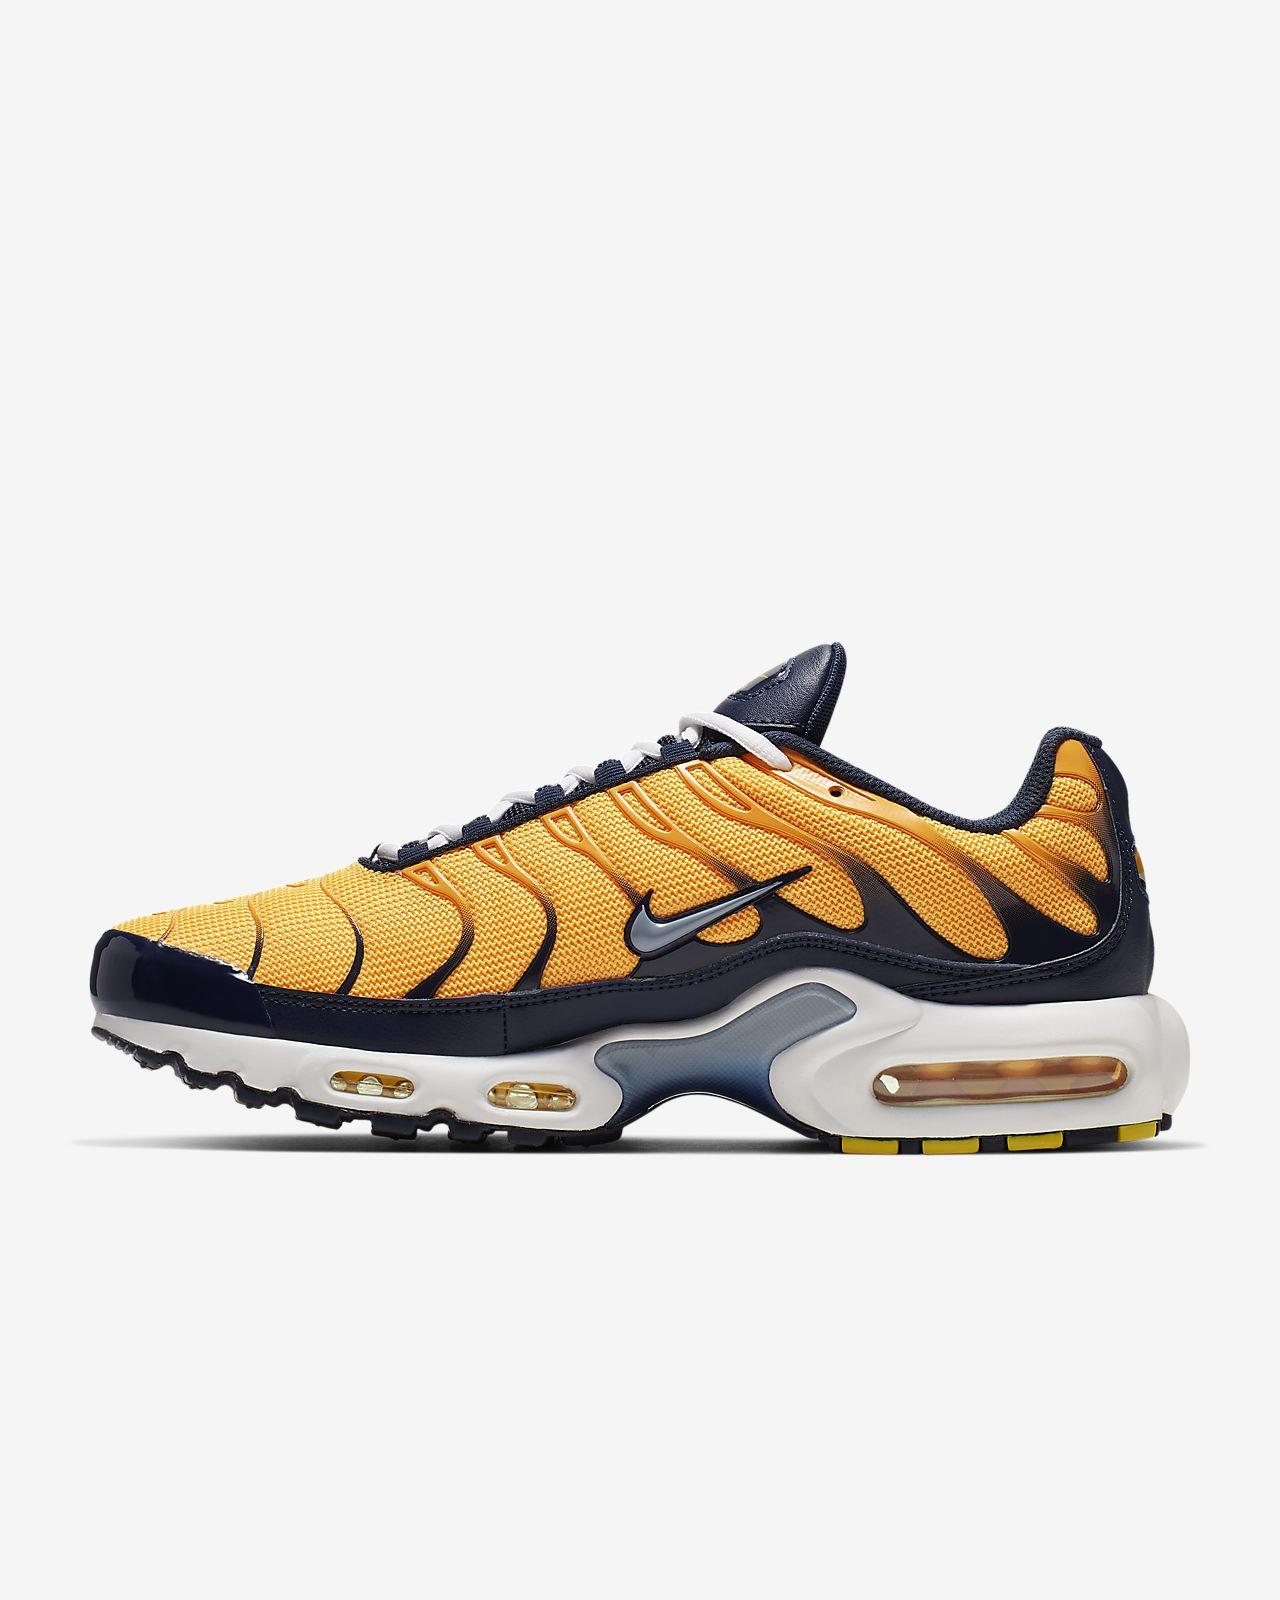 Nike Air Max Plus SE 男鞋